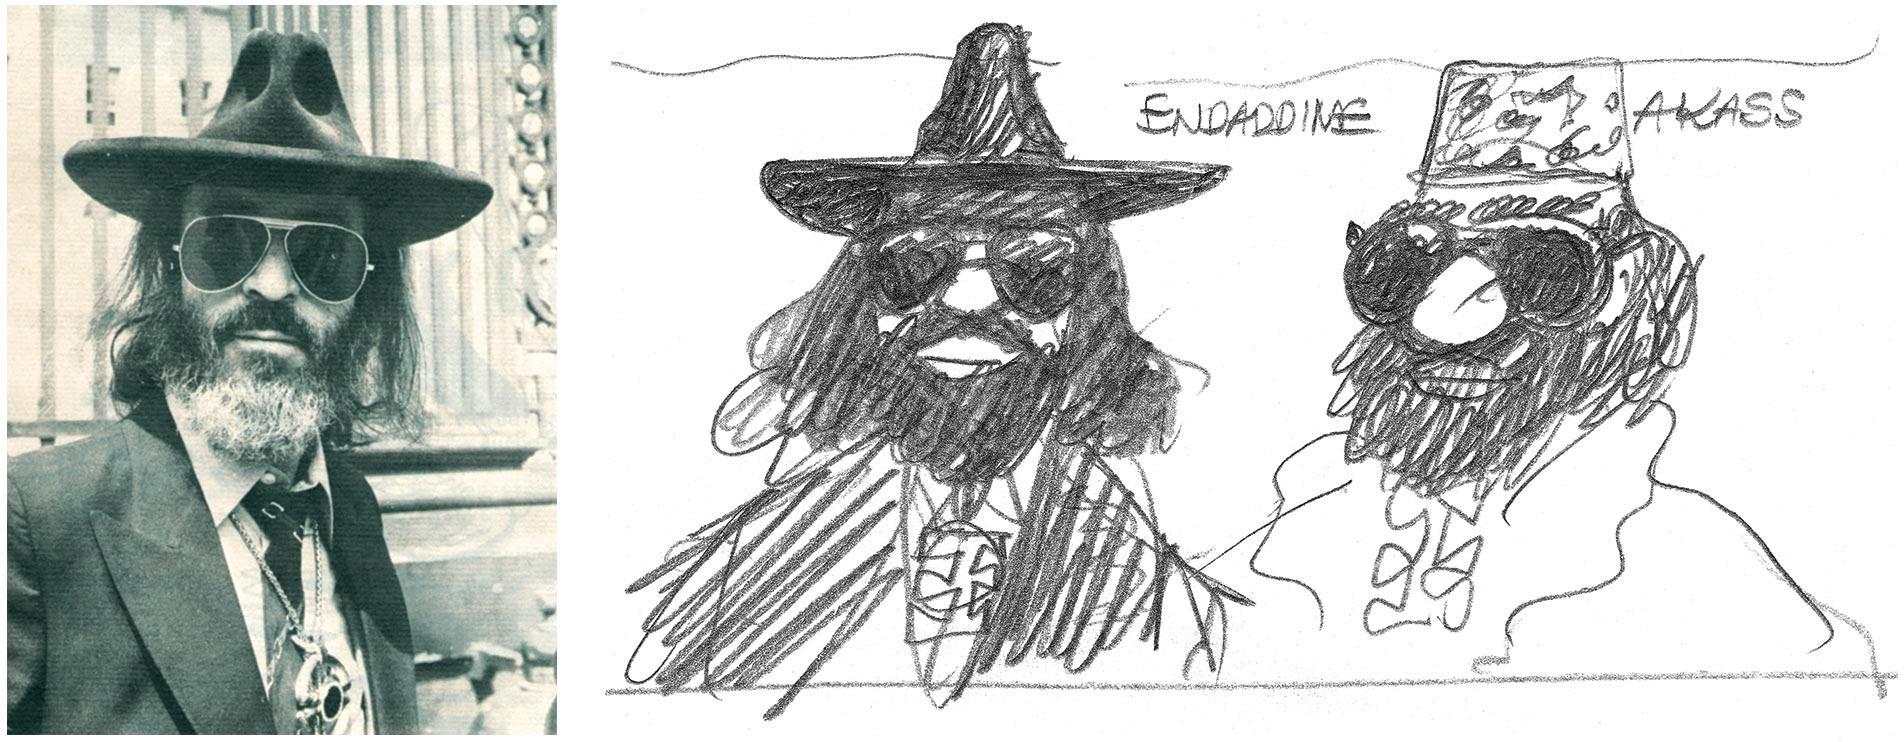 Fernand Legros ou Endaddine Akass dans Tintin et l'Alph-Art